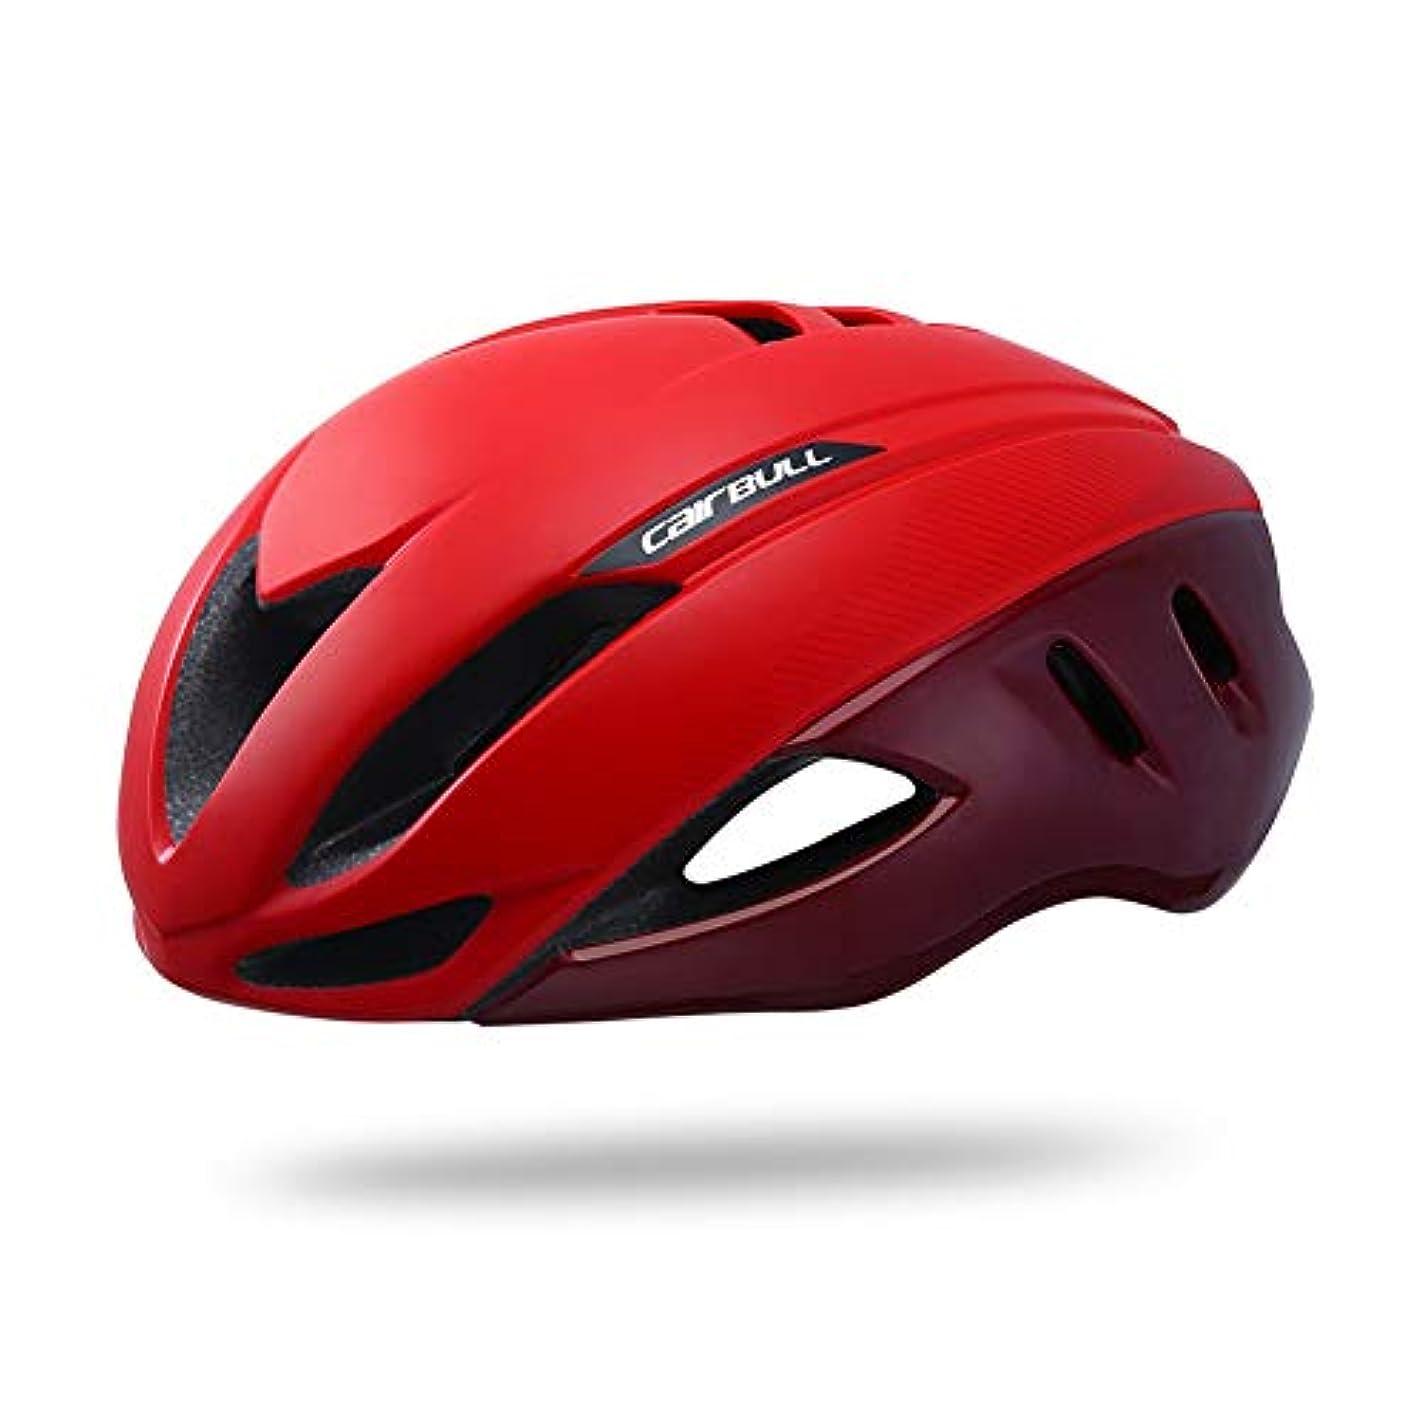 二週間余計なシネマSpeedaeroバイクヘルメット、エアロダイナミクス安全ttサイクリングヘルメット用自転車男性女性スポーツレーシングロードバイクヘルメット